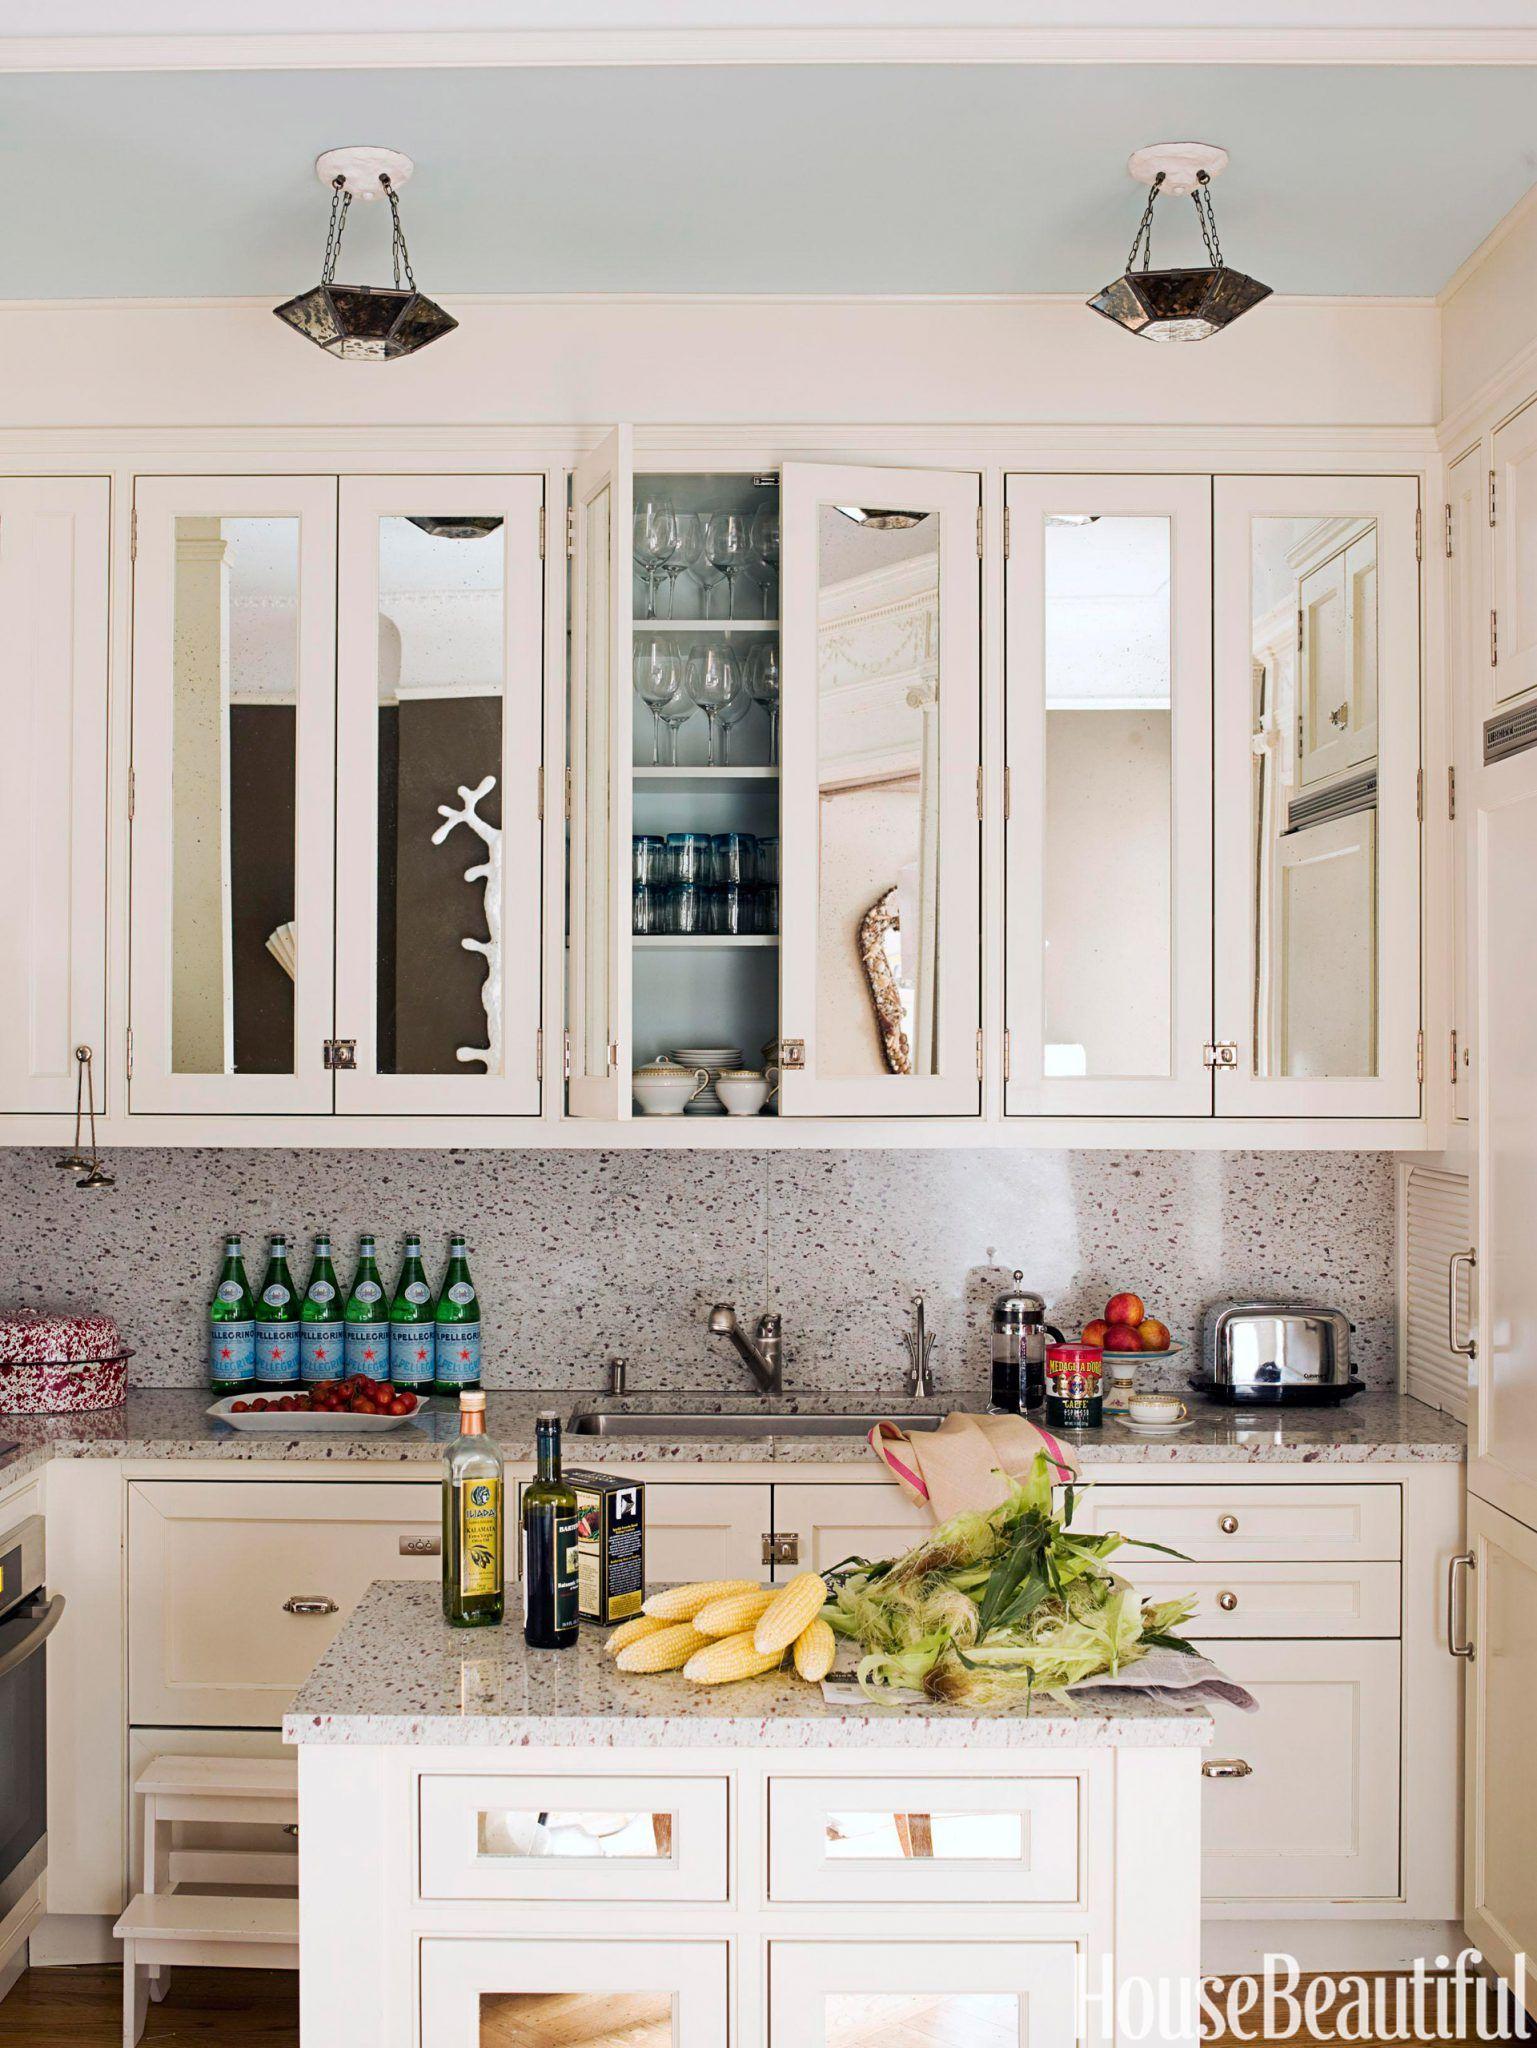 Tipps zum Bau kleiner Küche Remodeling Ideen auf ein Budget in